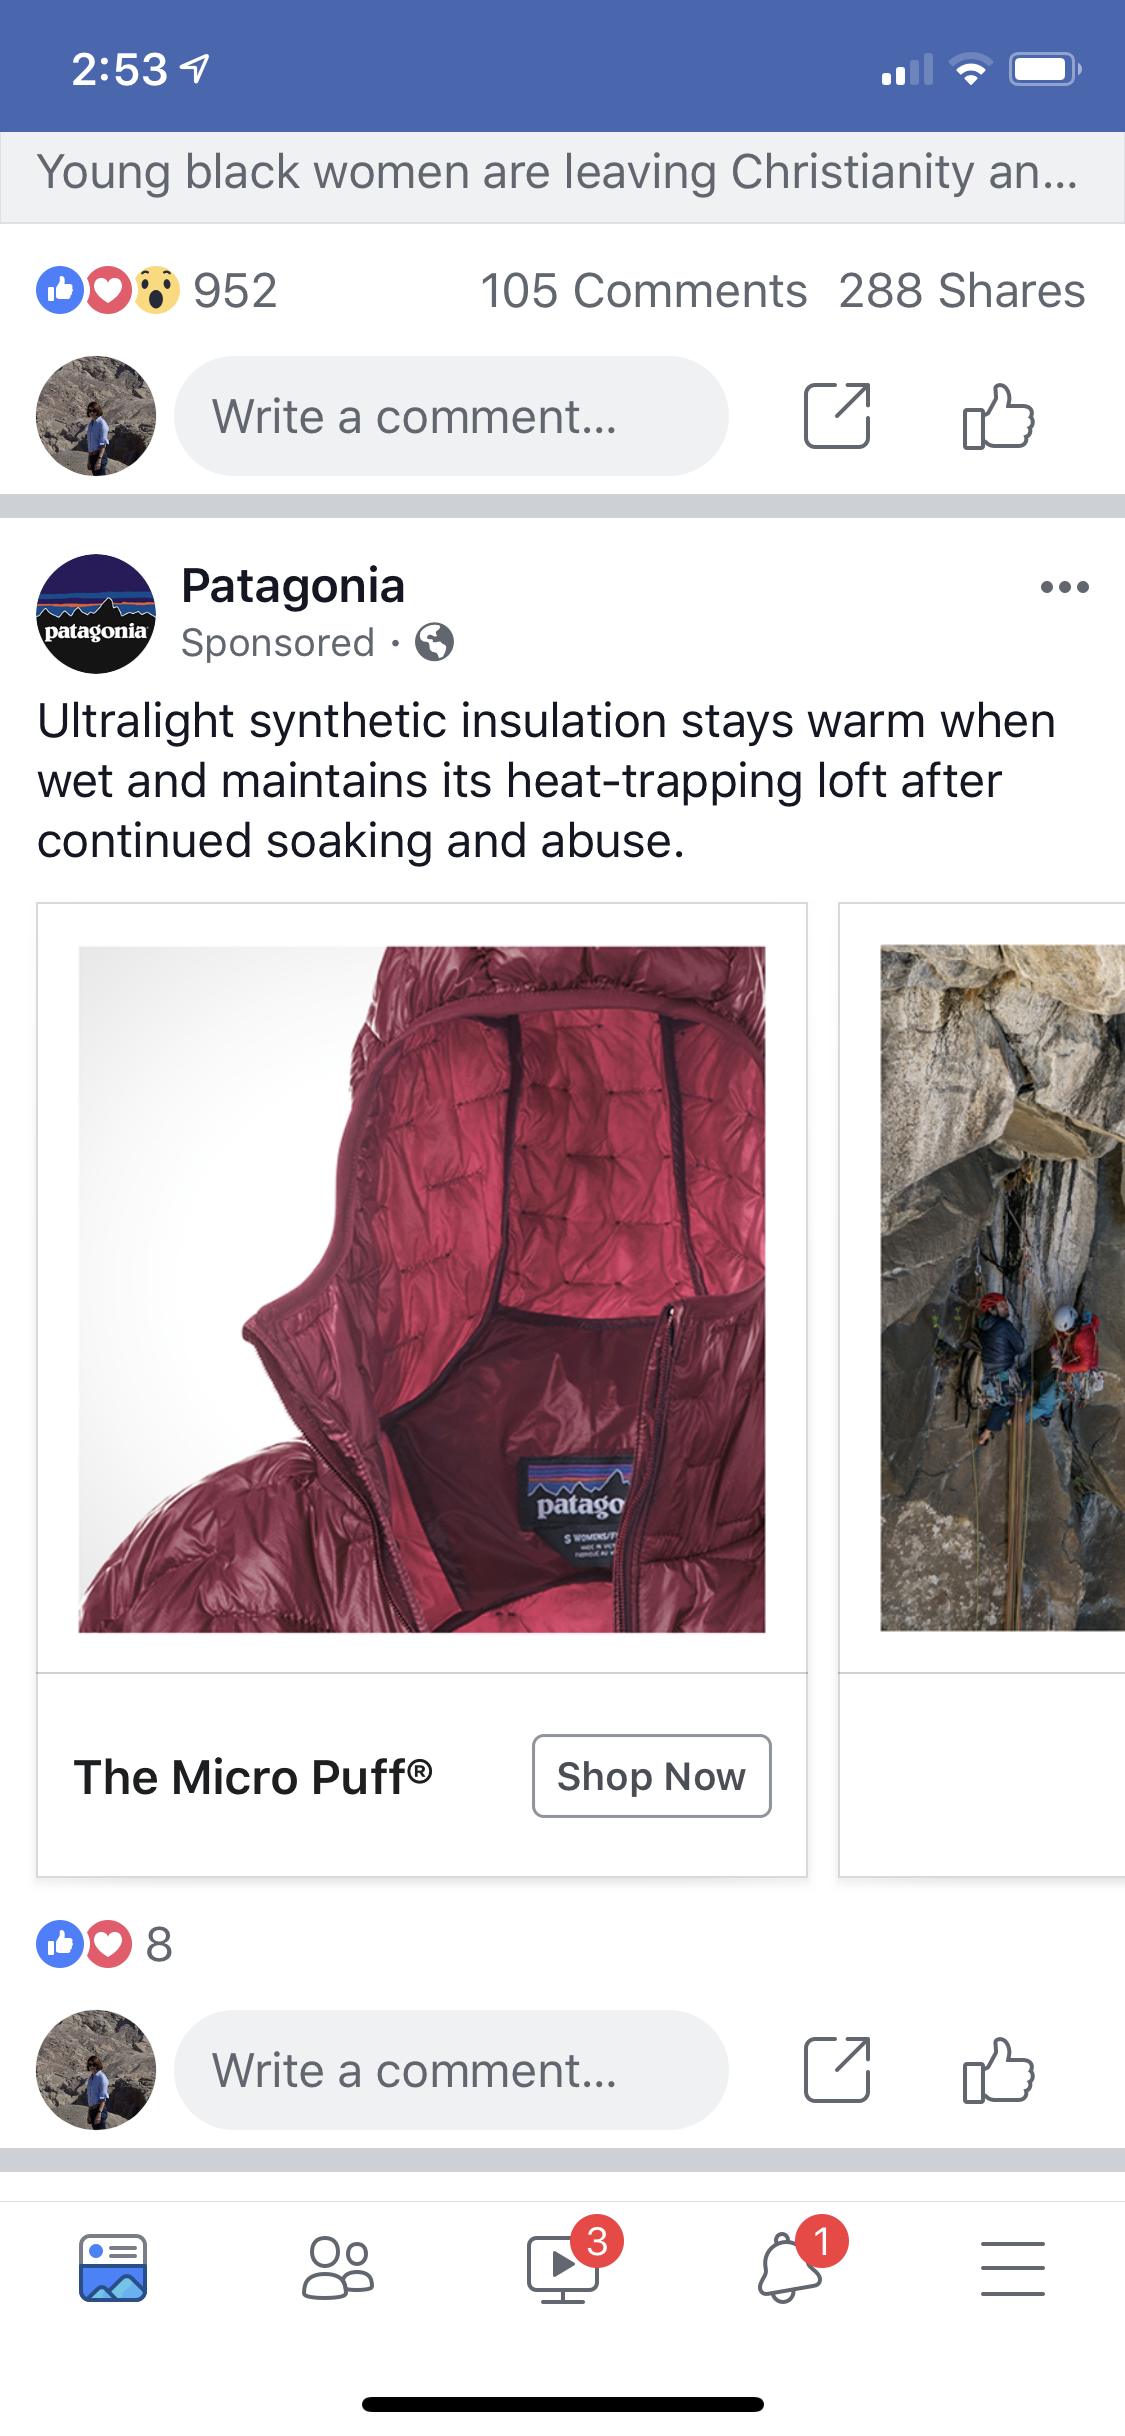 Facebook上的巴塔哥尼亚广告